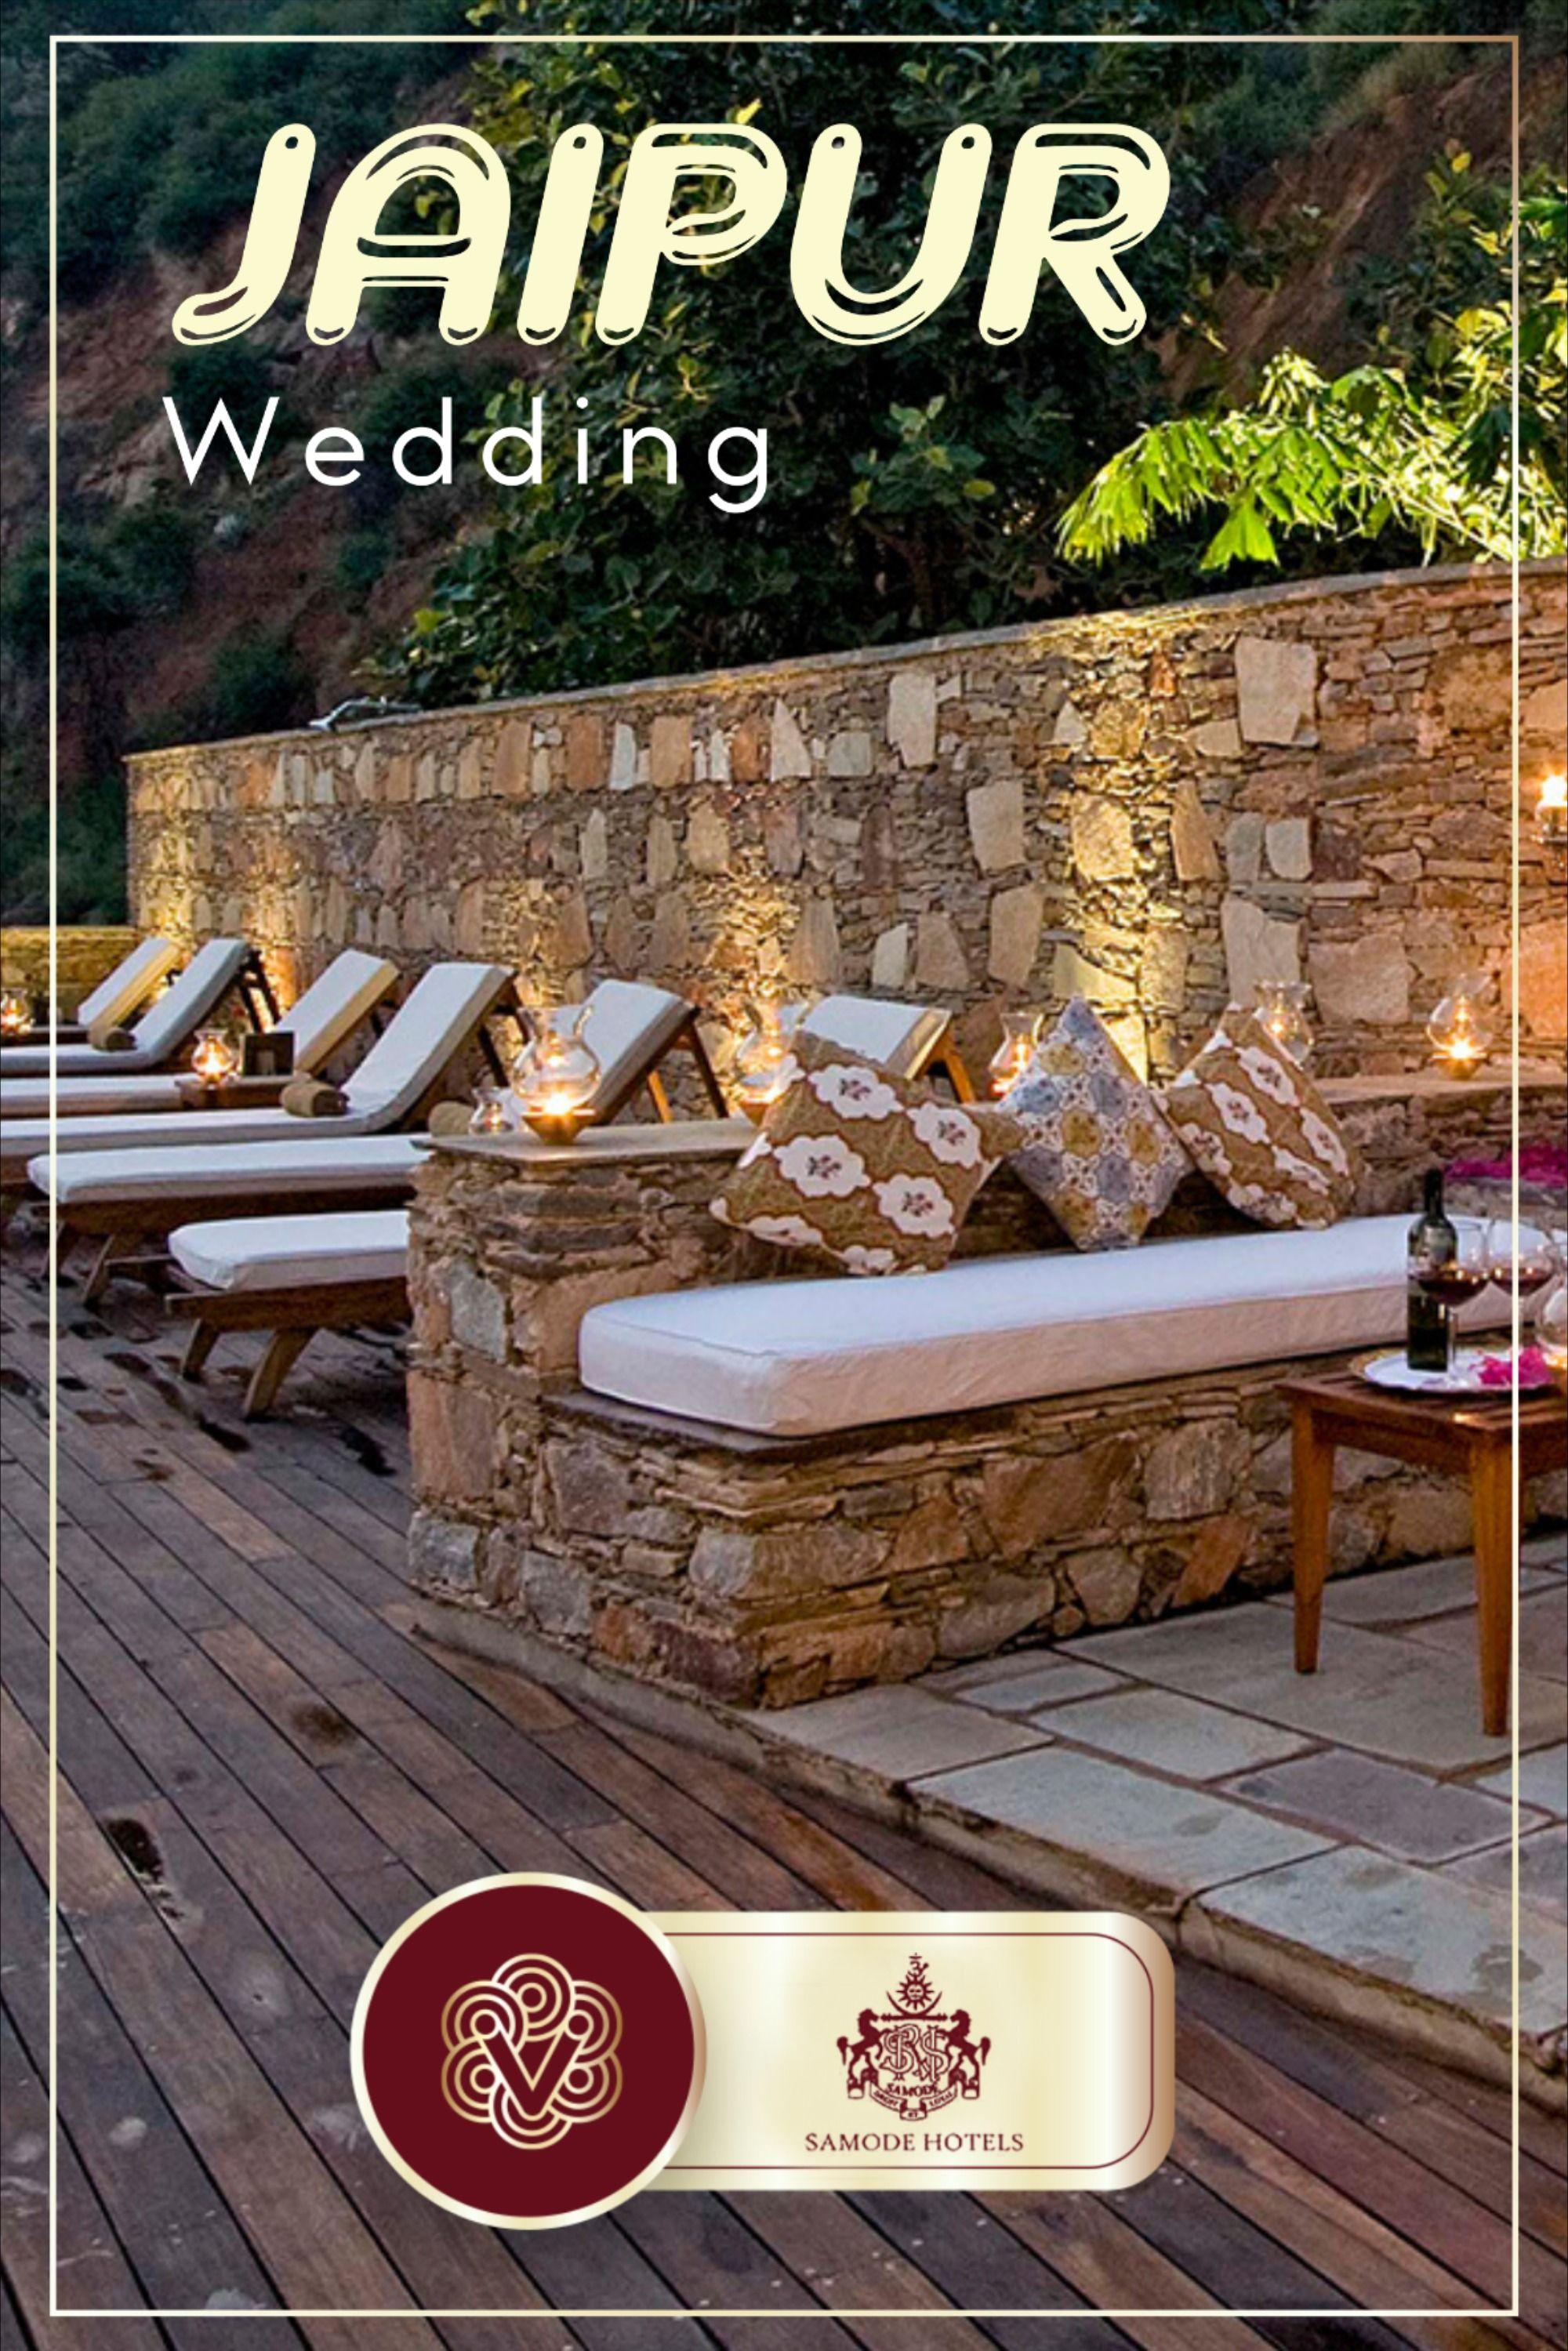 Samode Palace Jaipur Wedding Hotel In 2020 Hotel Hotel Wedding Luxury Destination Wedding